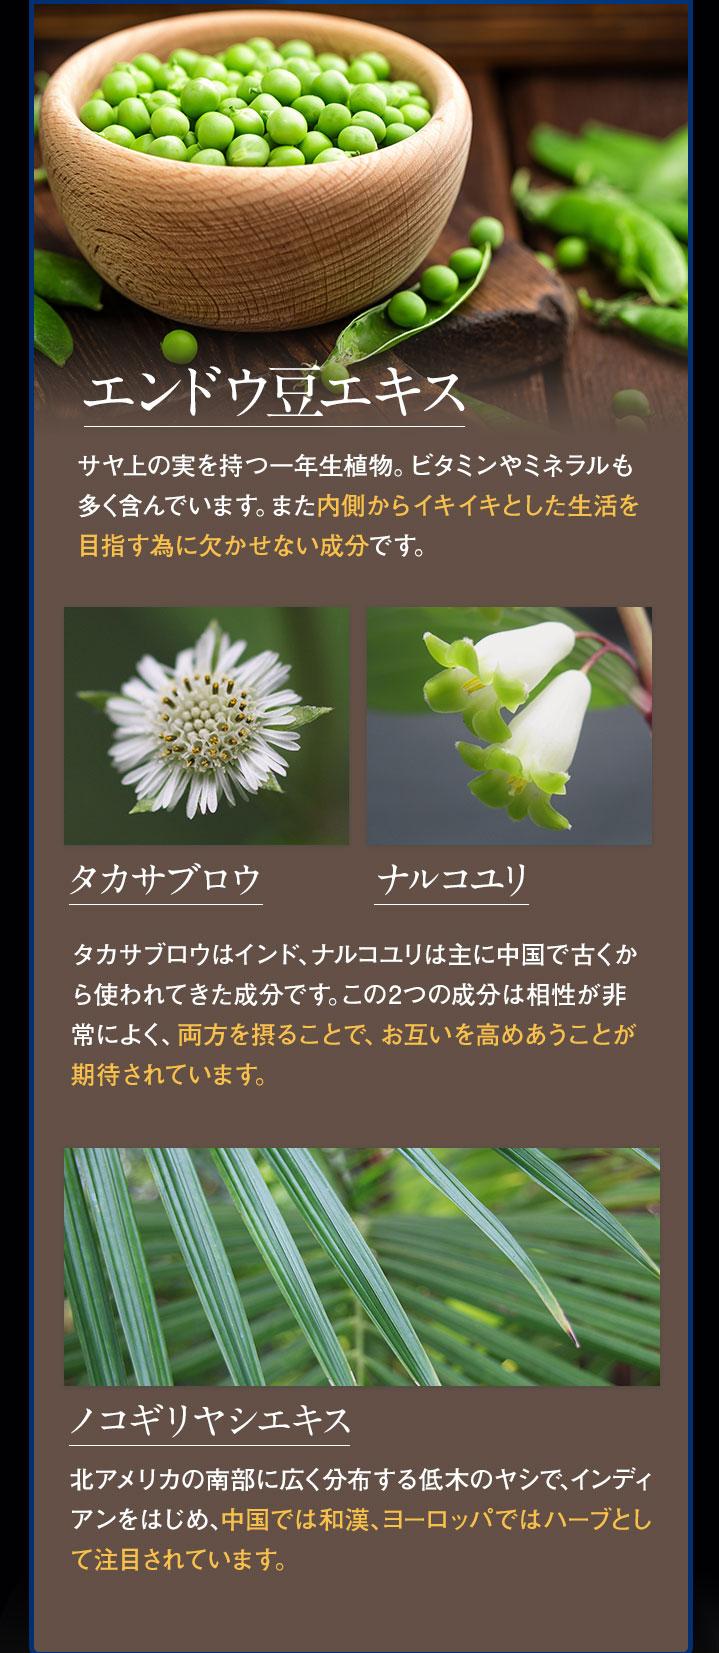 成分⑥植物成分の詳細